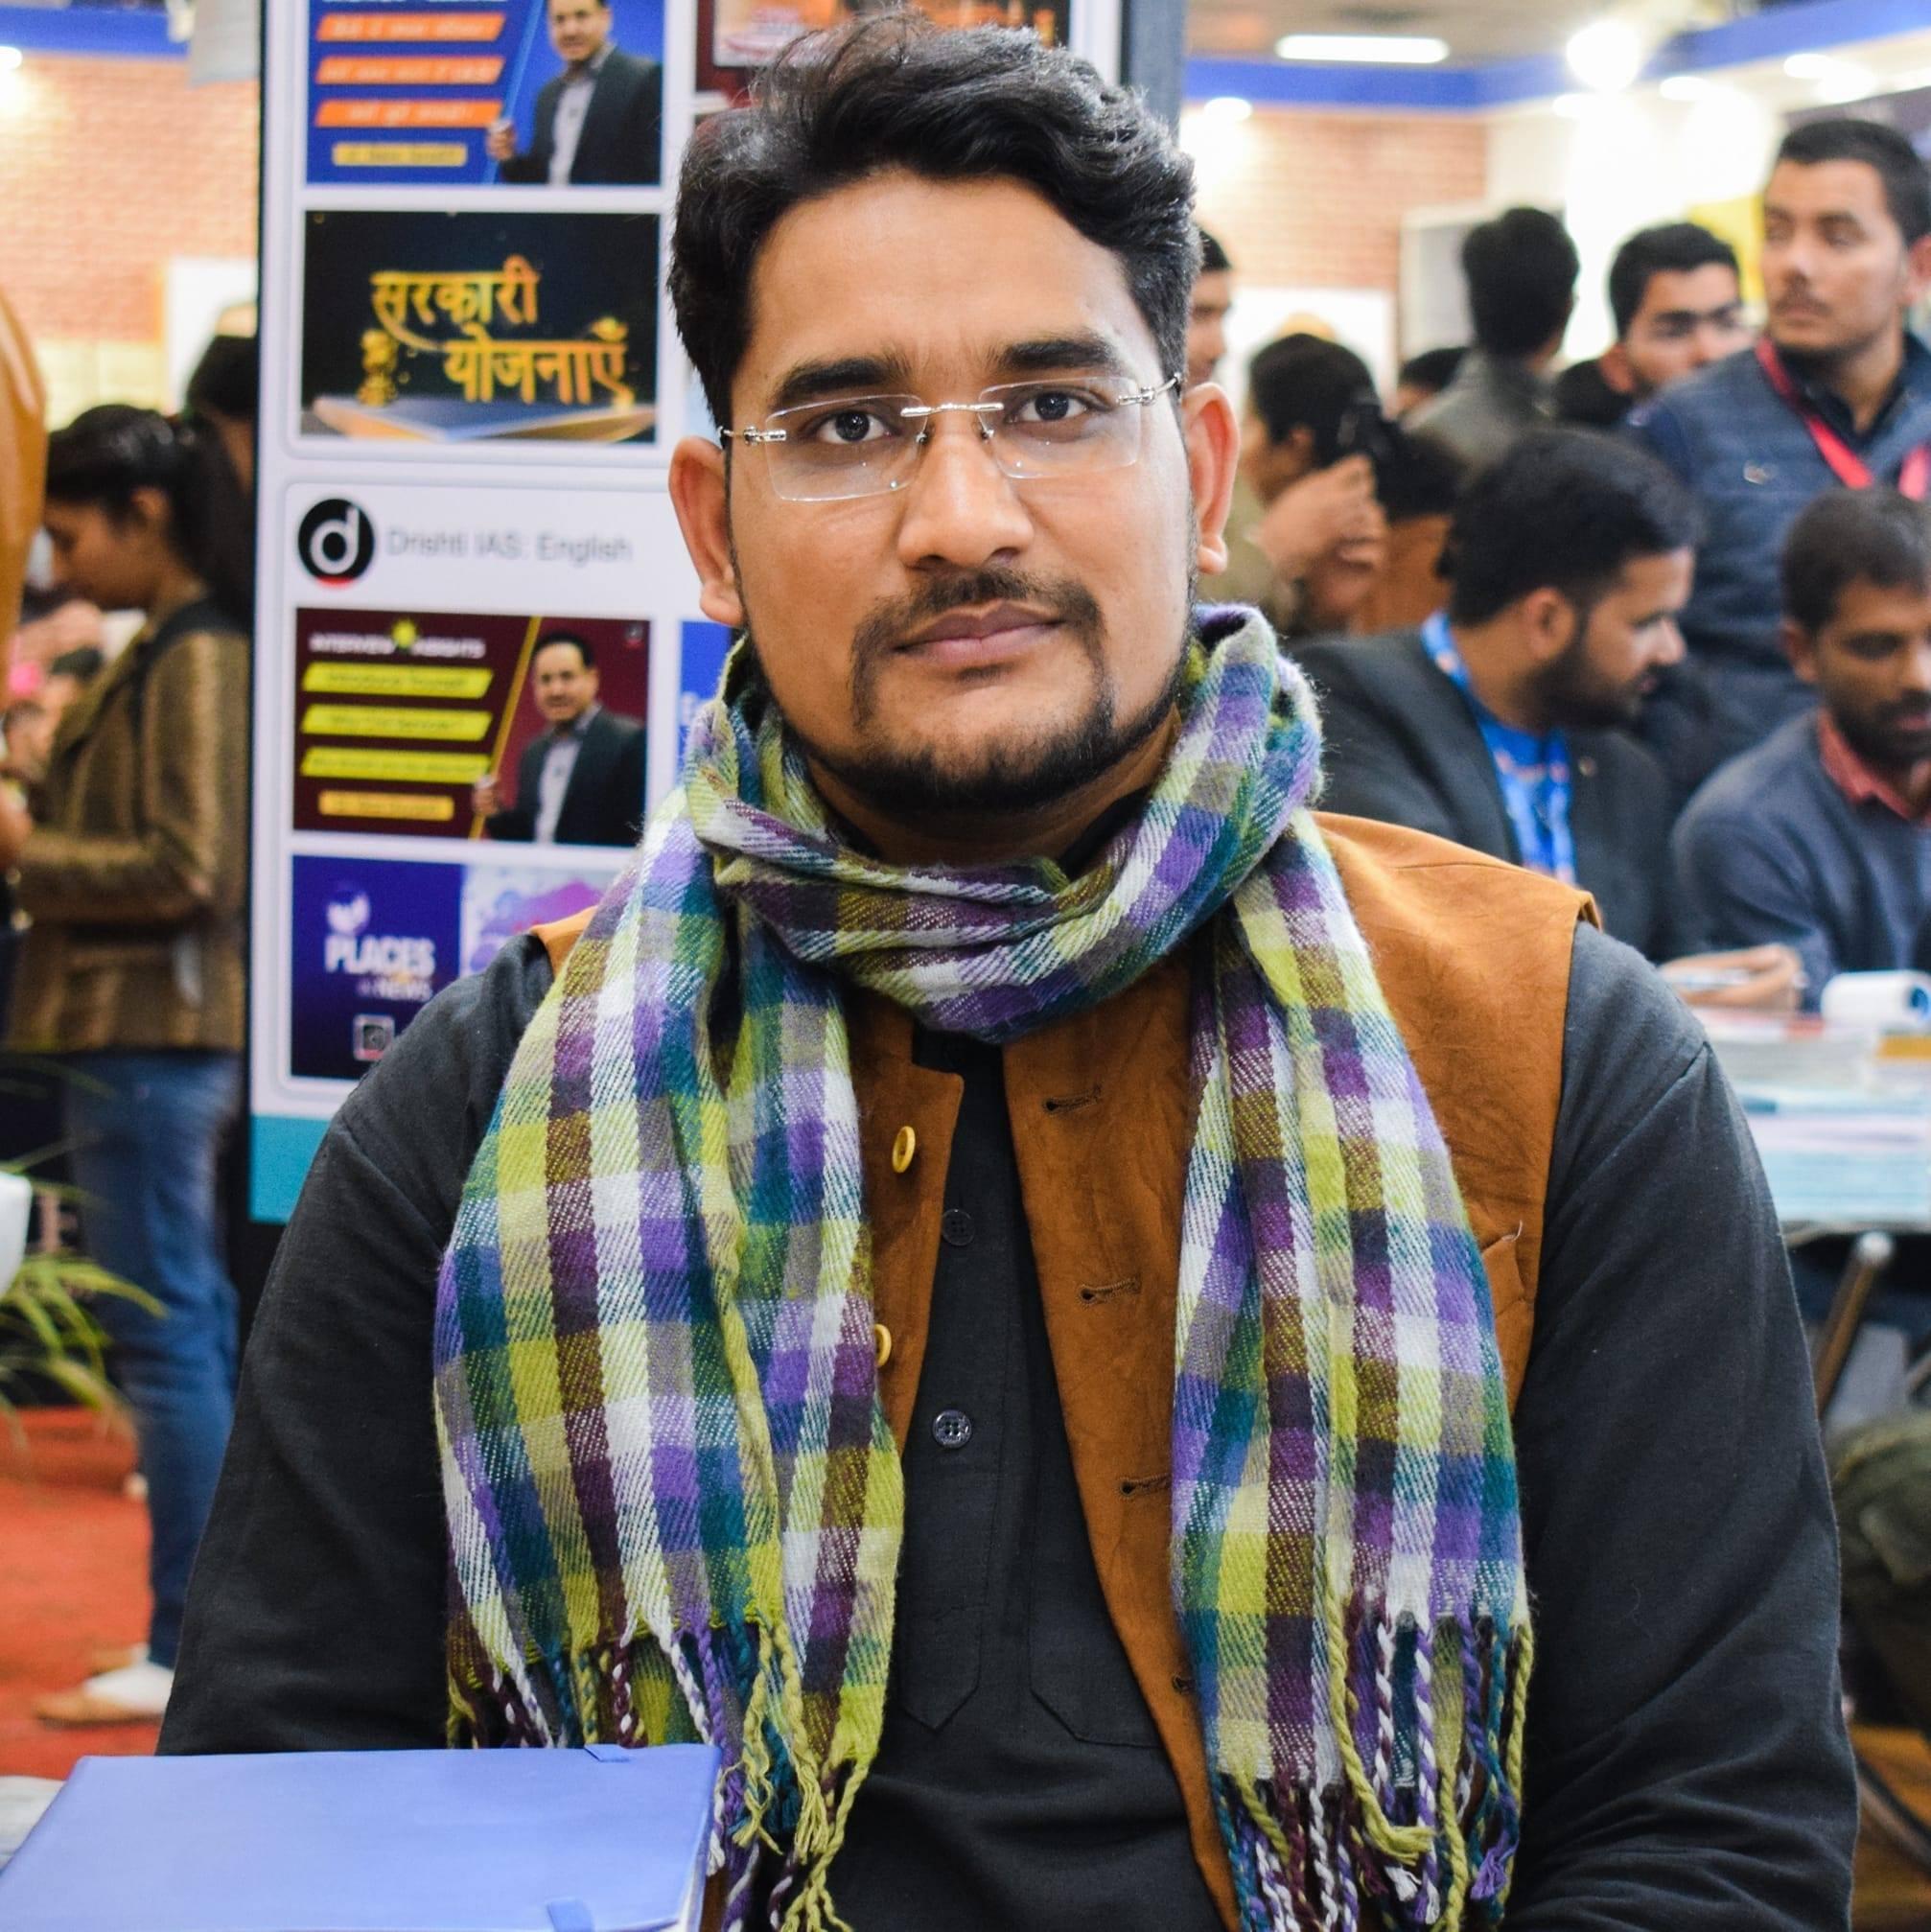 Shyamvir Singh